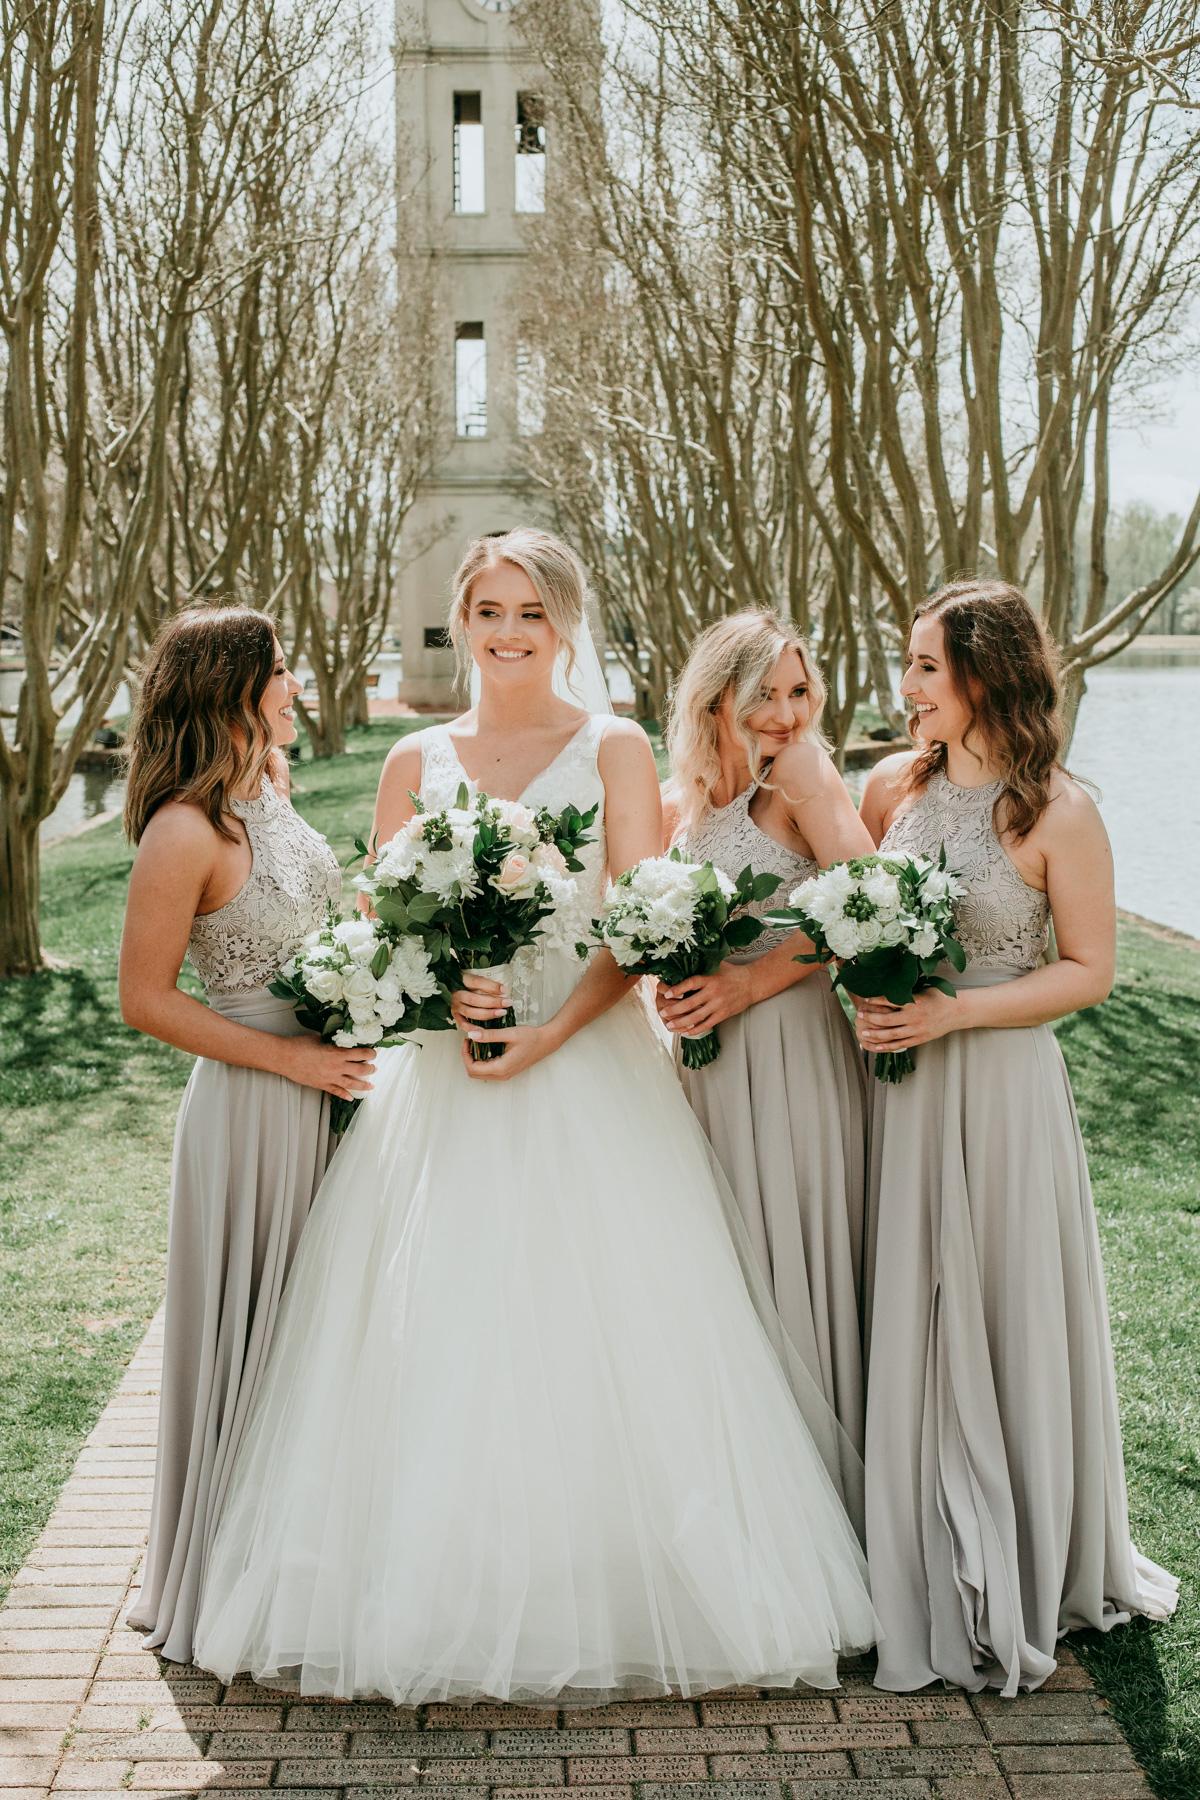 cute-bridal-party-photos-ideas.jpg